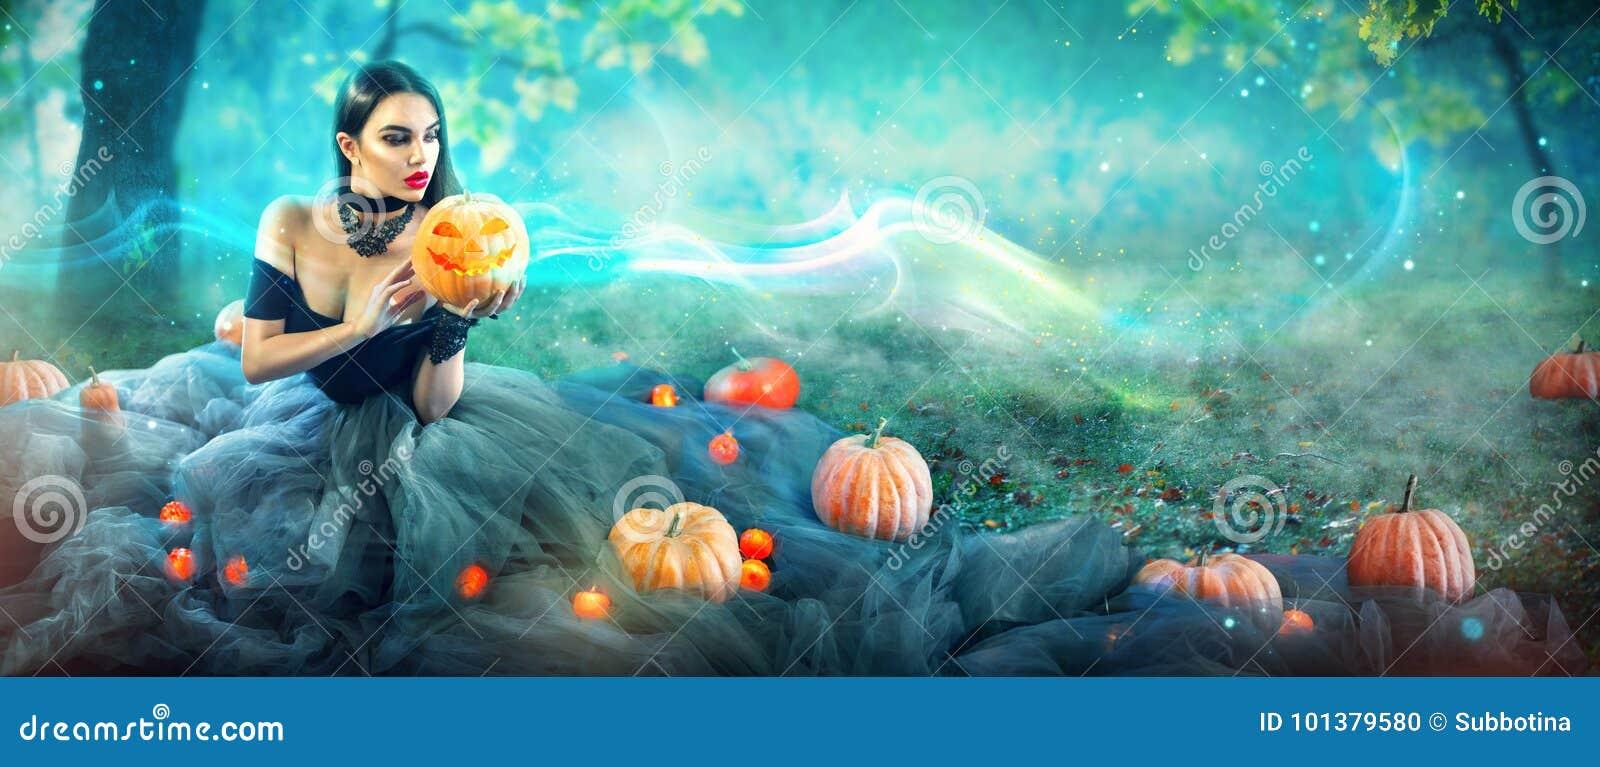 Halloweenowa czarownica z rzeźbiącą magią i banią zaświeca w lesie